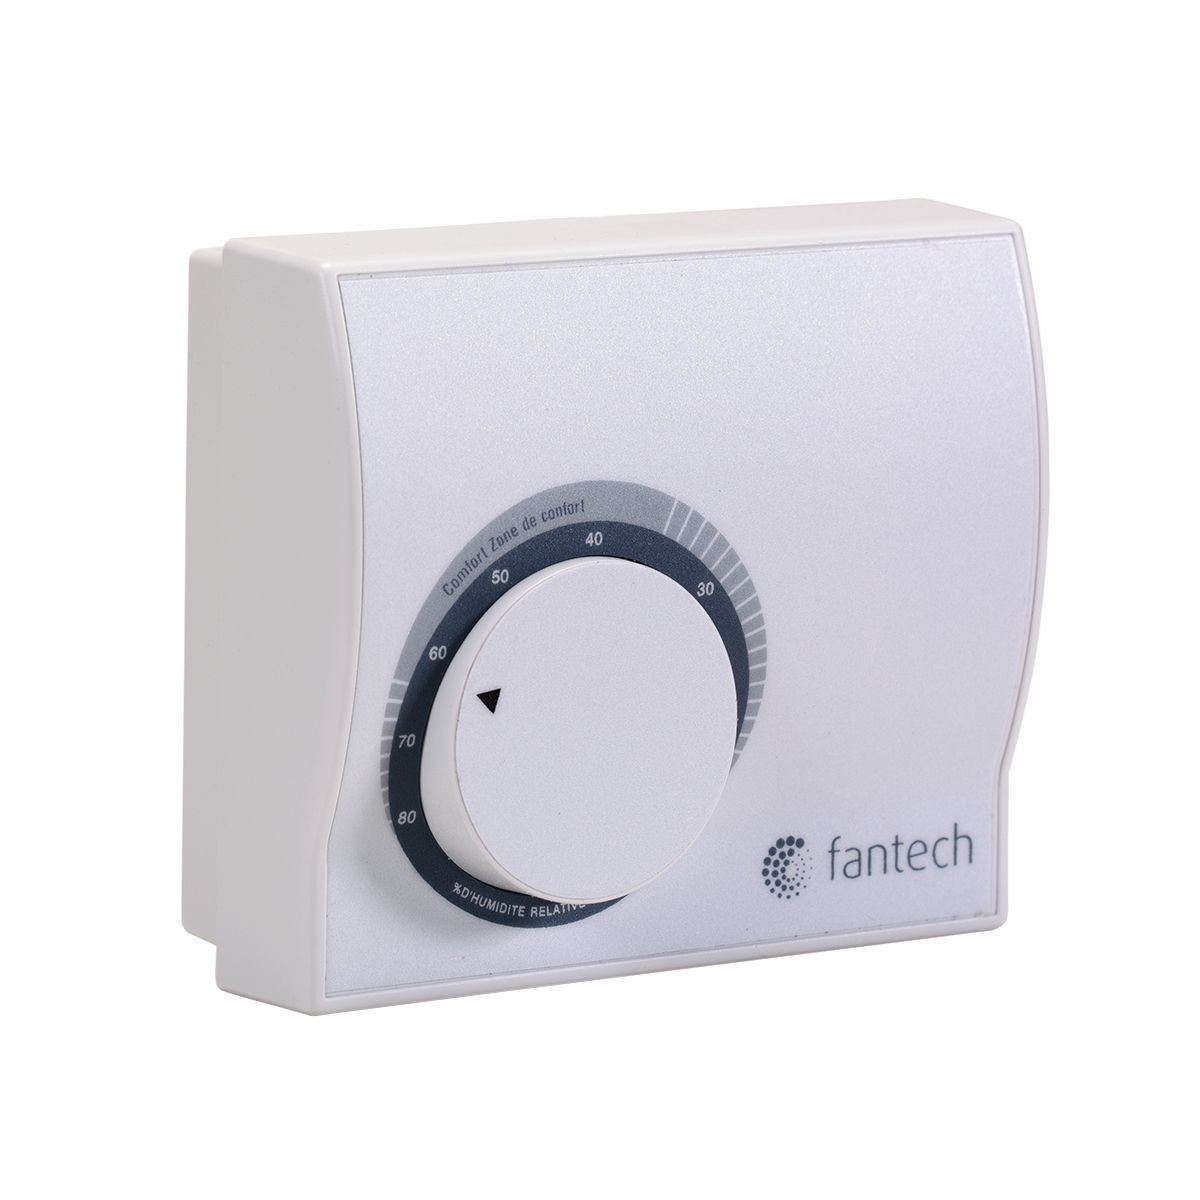 Fantech® 2-Wire Mechanical Low Voltage Dehumidistat